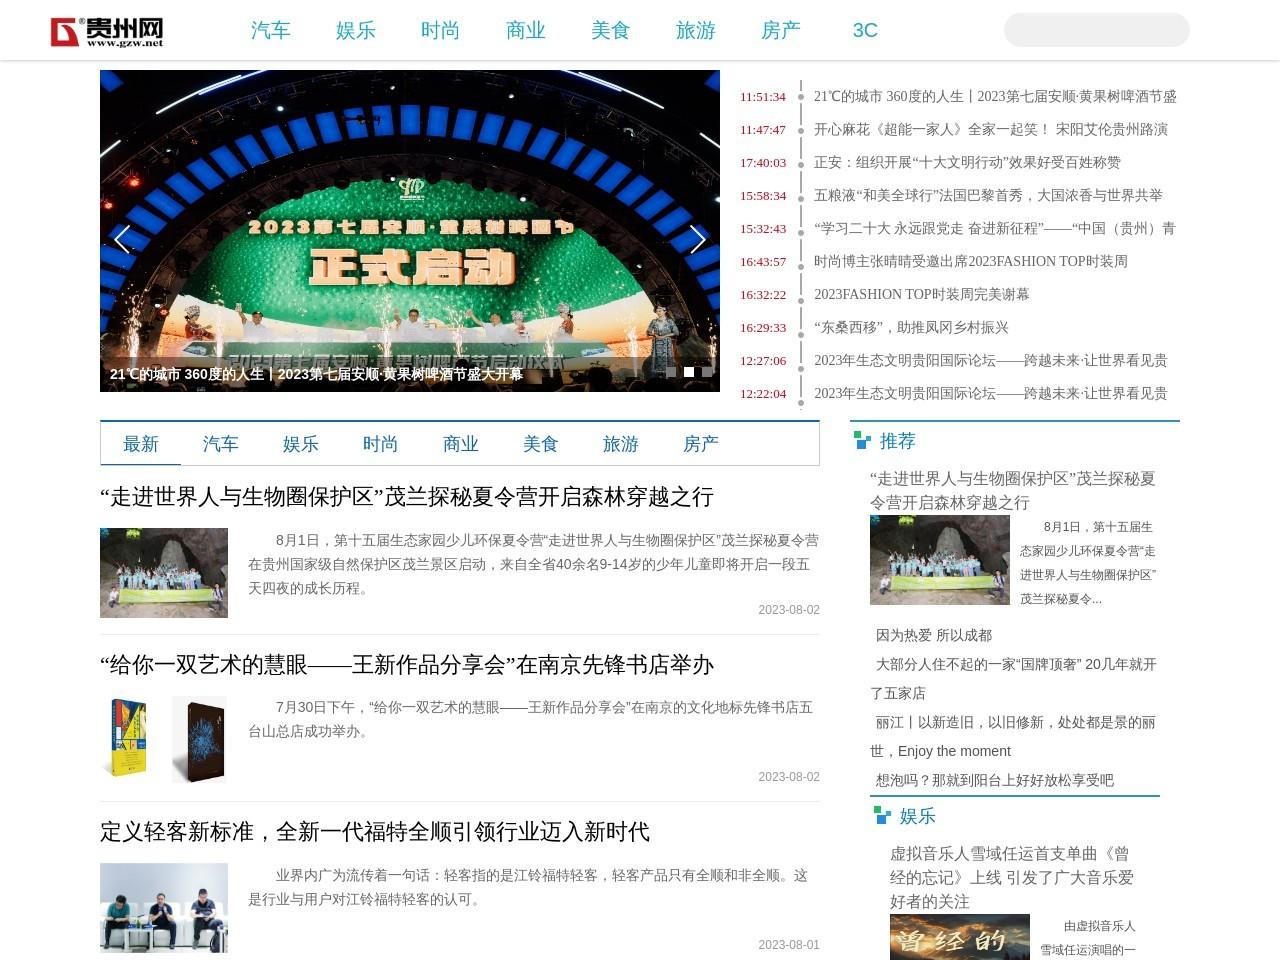 贵州网_贵州门户网站_贵州新媒体平台